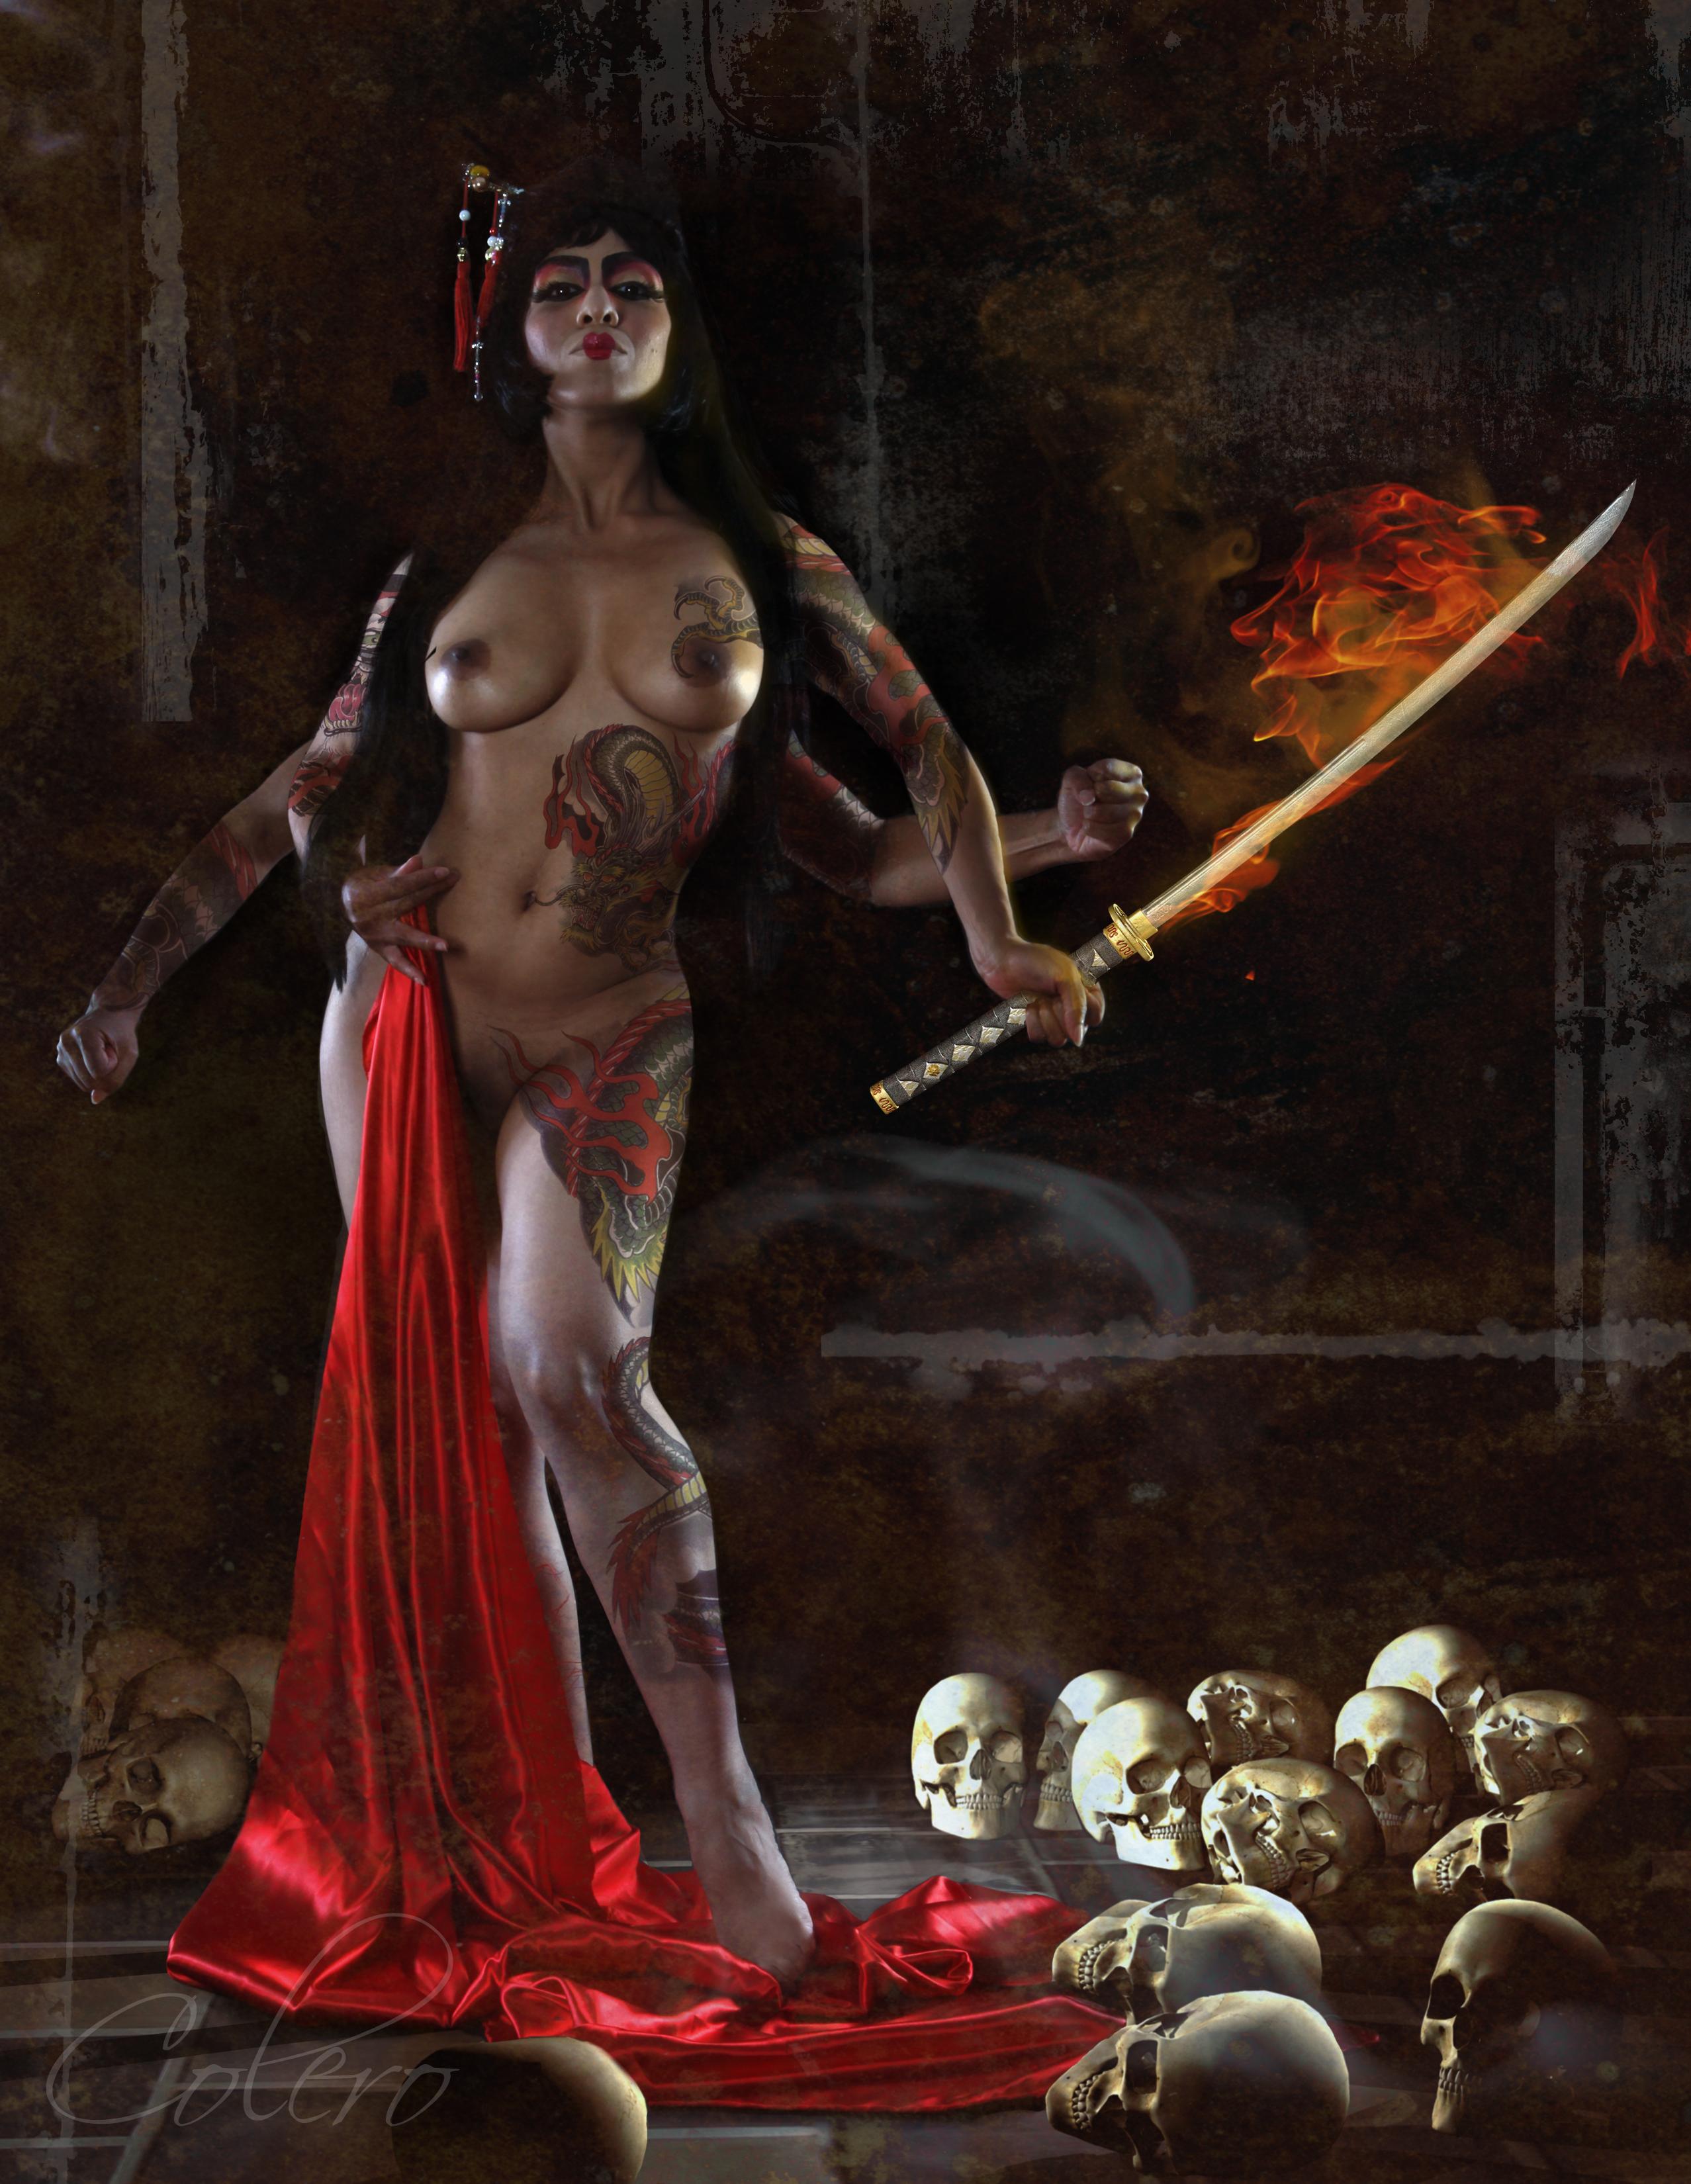 Demon warrior nude pic hentay scenes